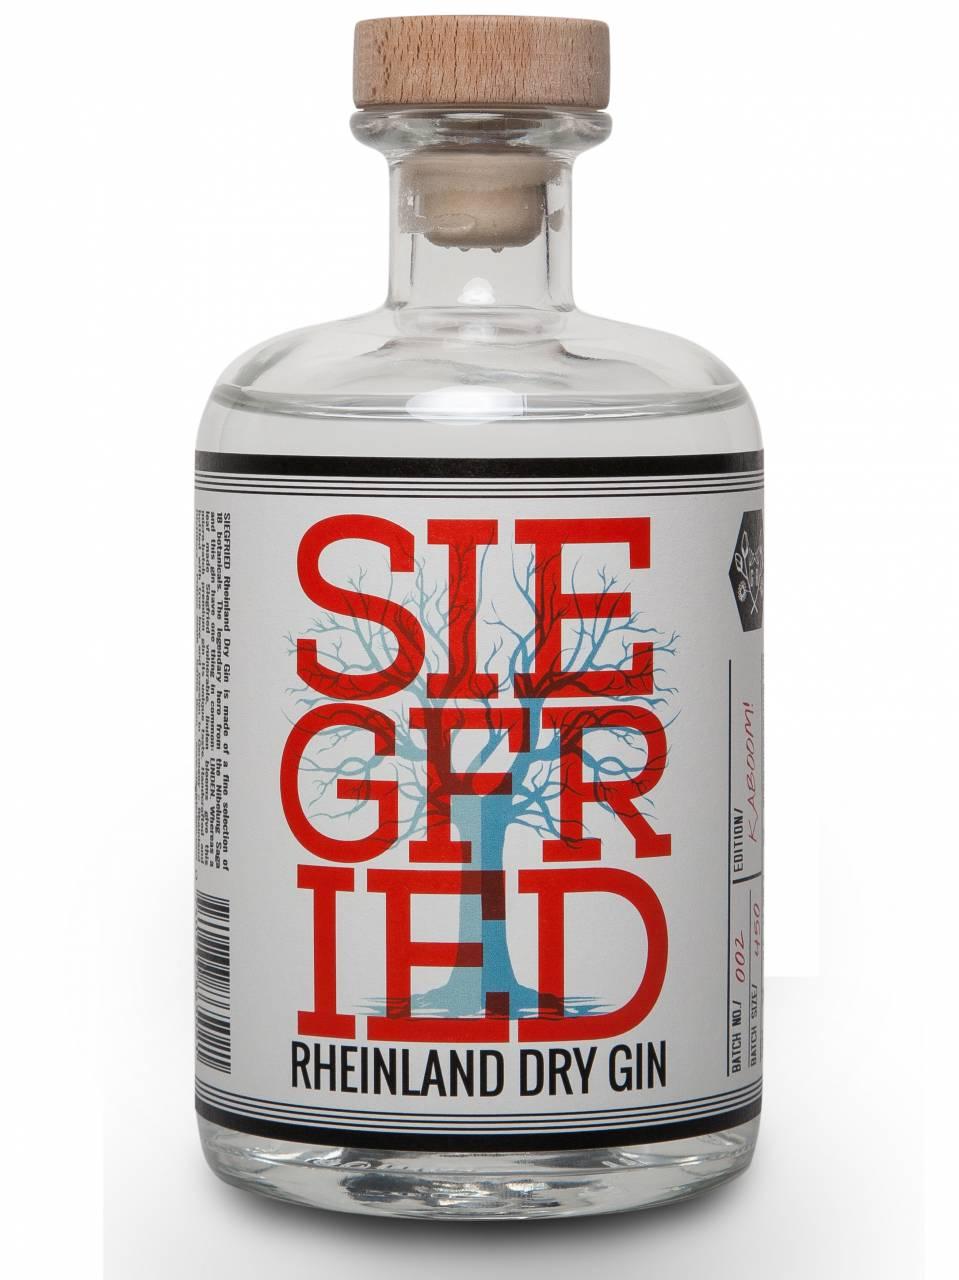 Siegfried Rheinland Dry Gin 0,5 Liter